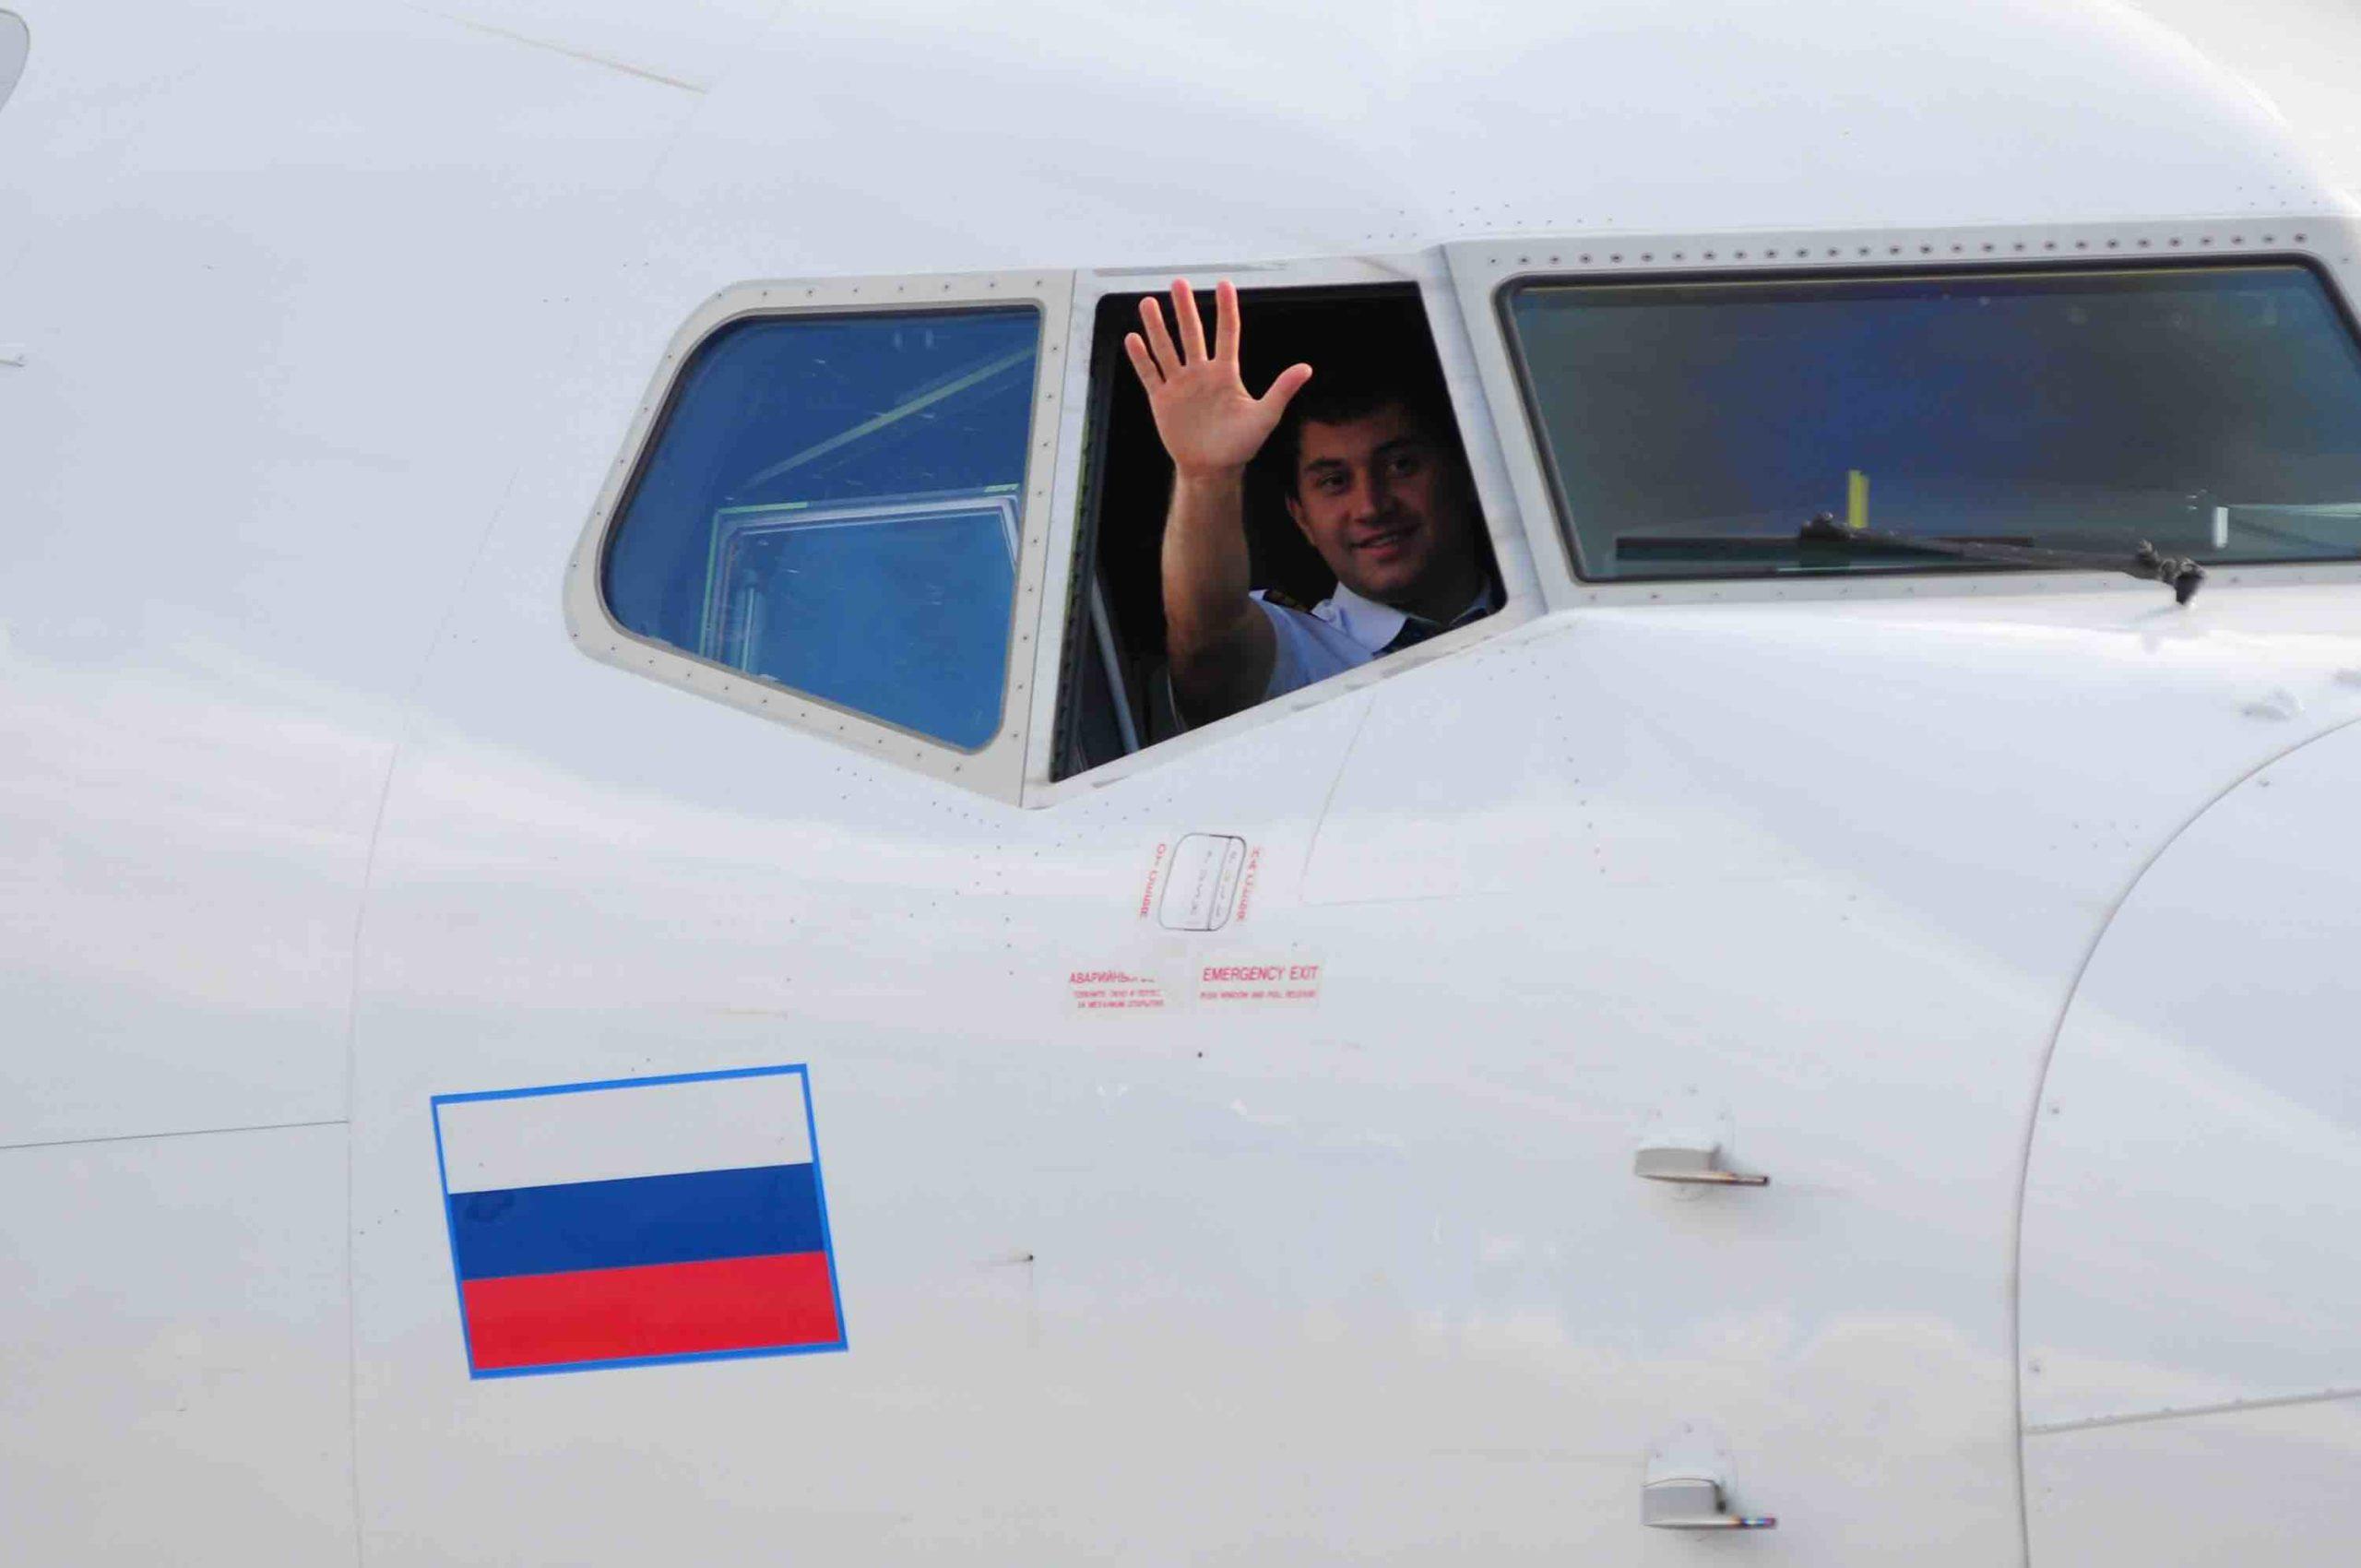 В Аэрофлоте назвали сроки начала авиасообщения с другими странами после отмены карантина